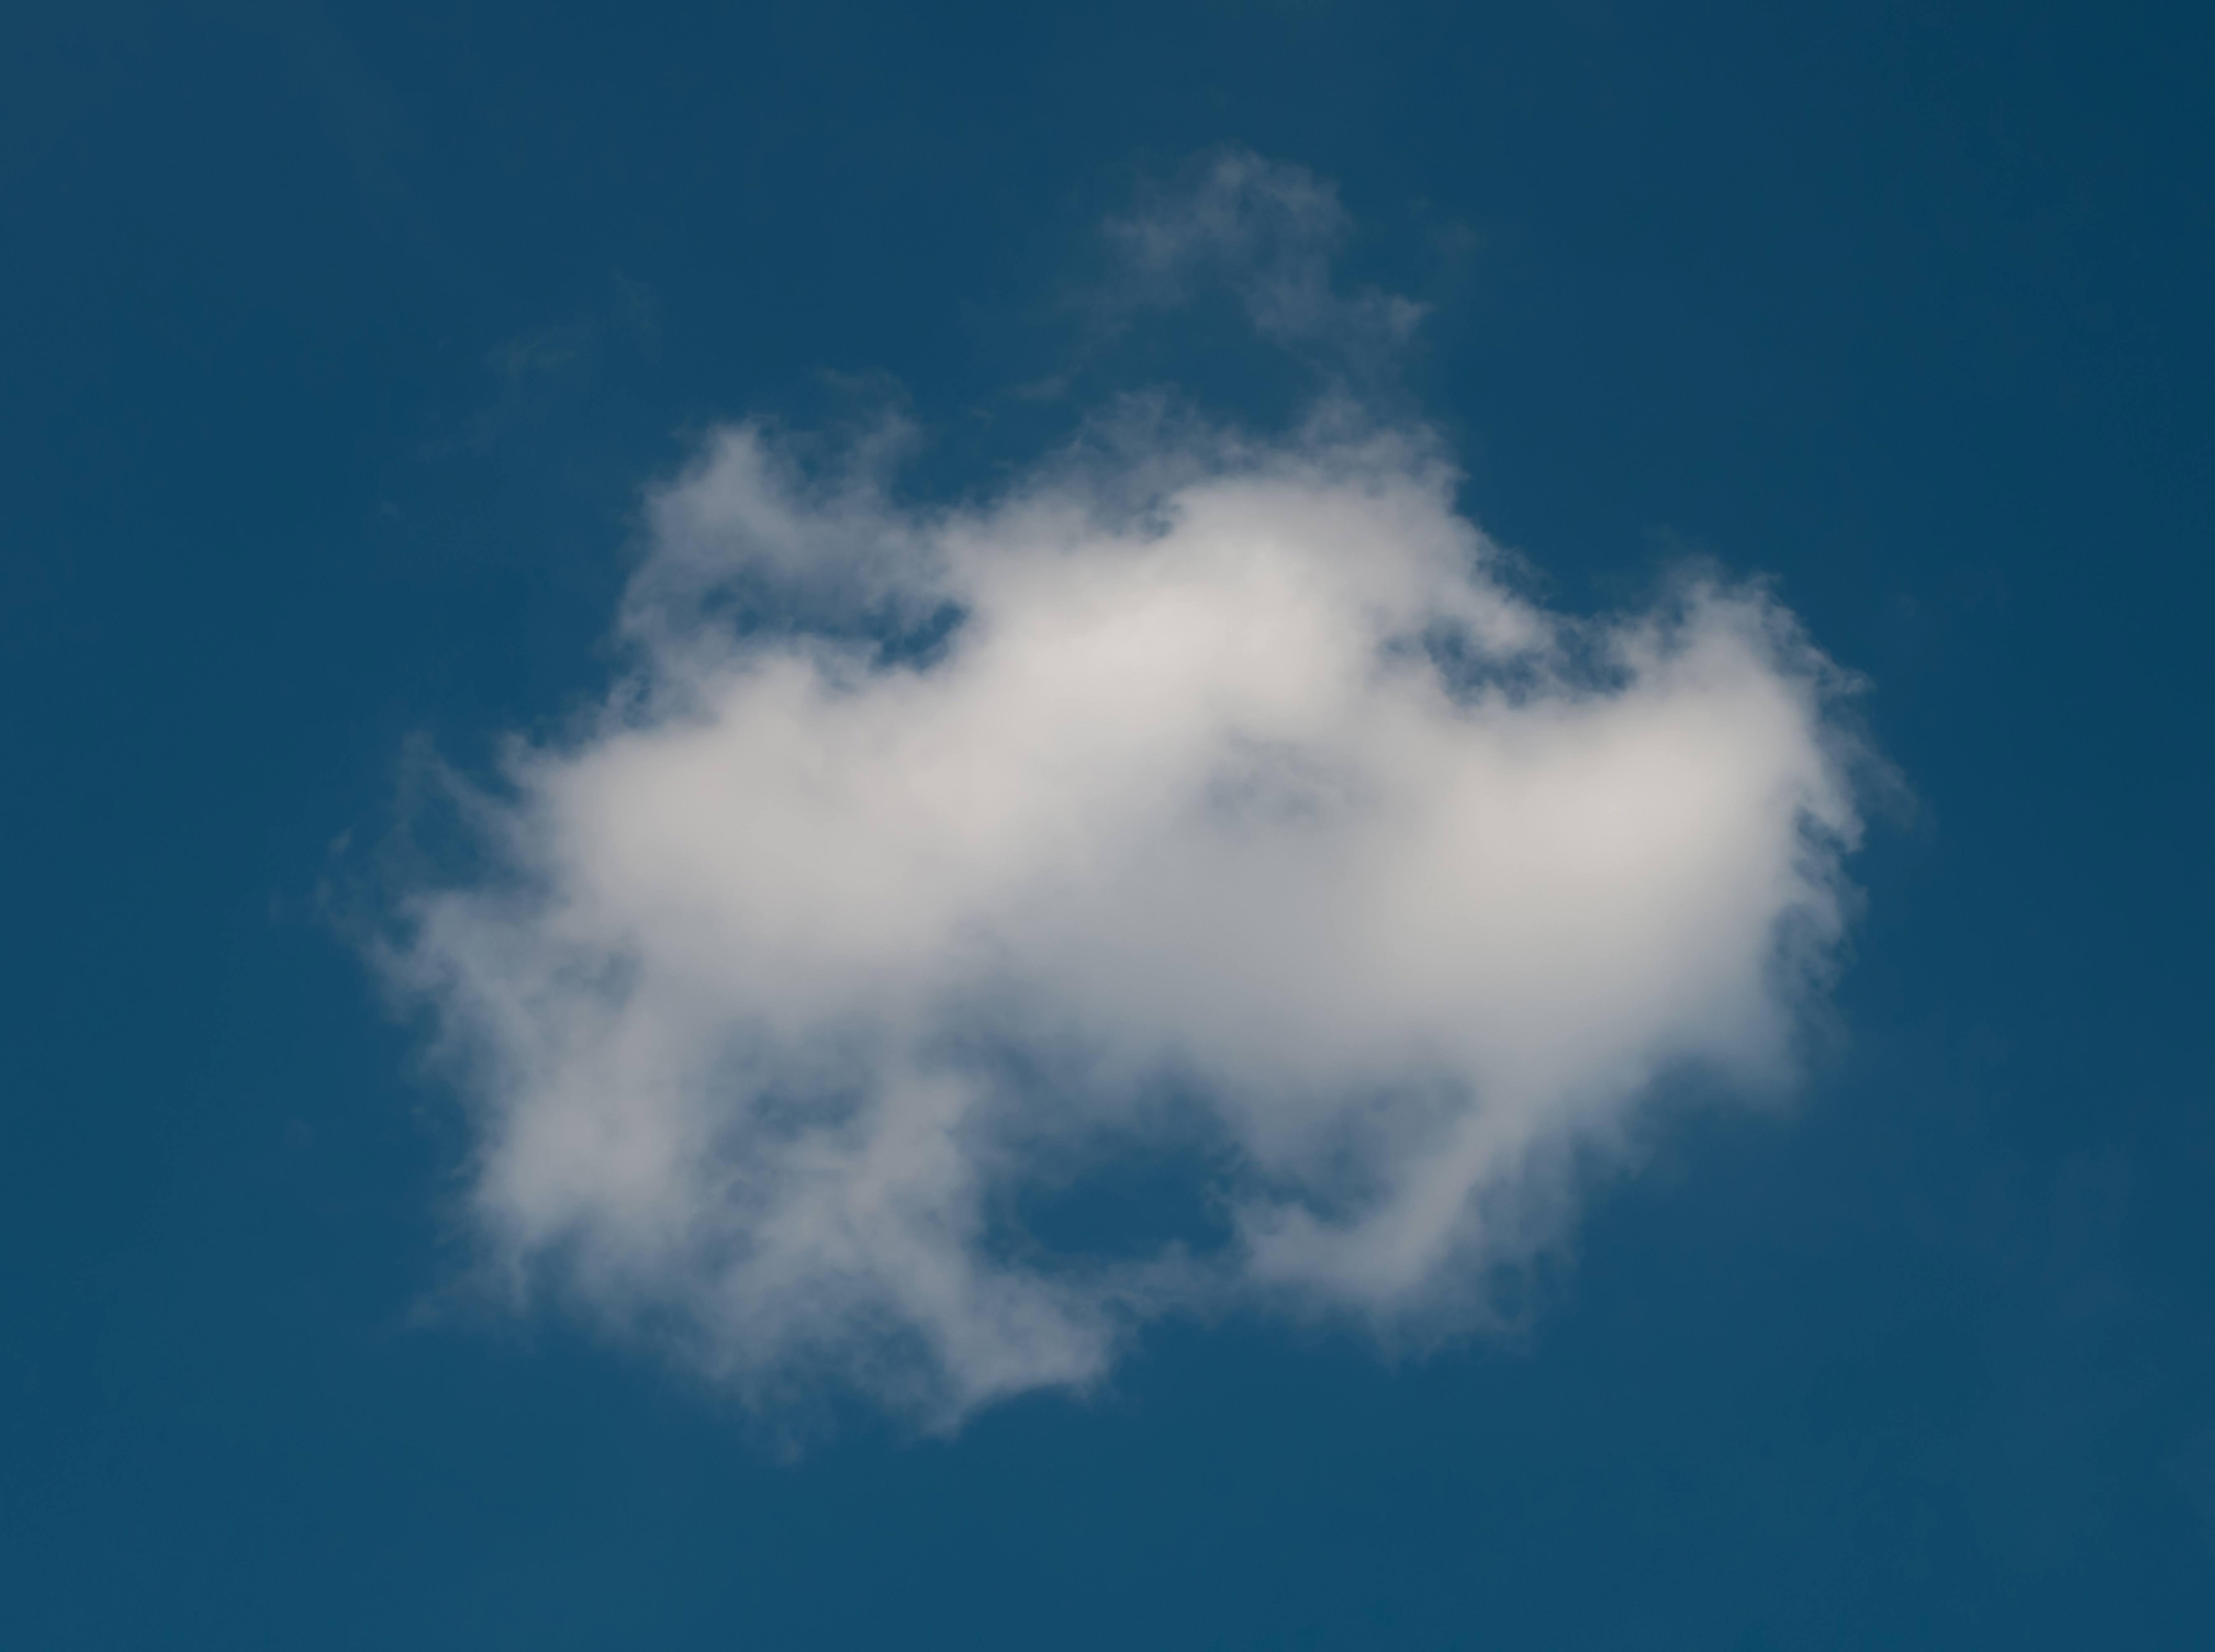 Single White Cloud on Blue Sky